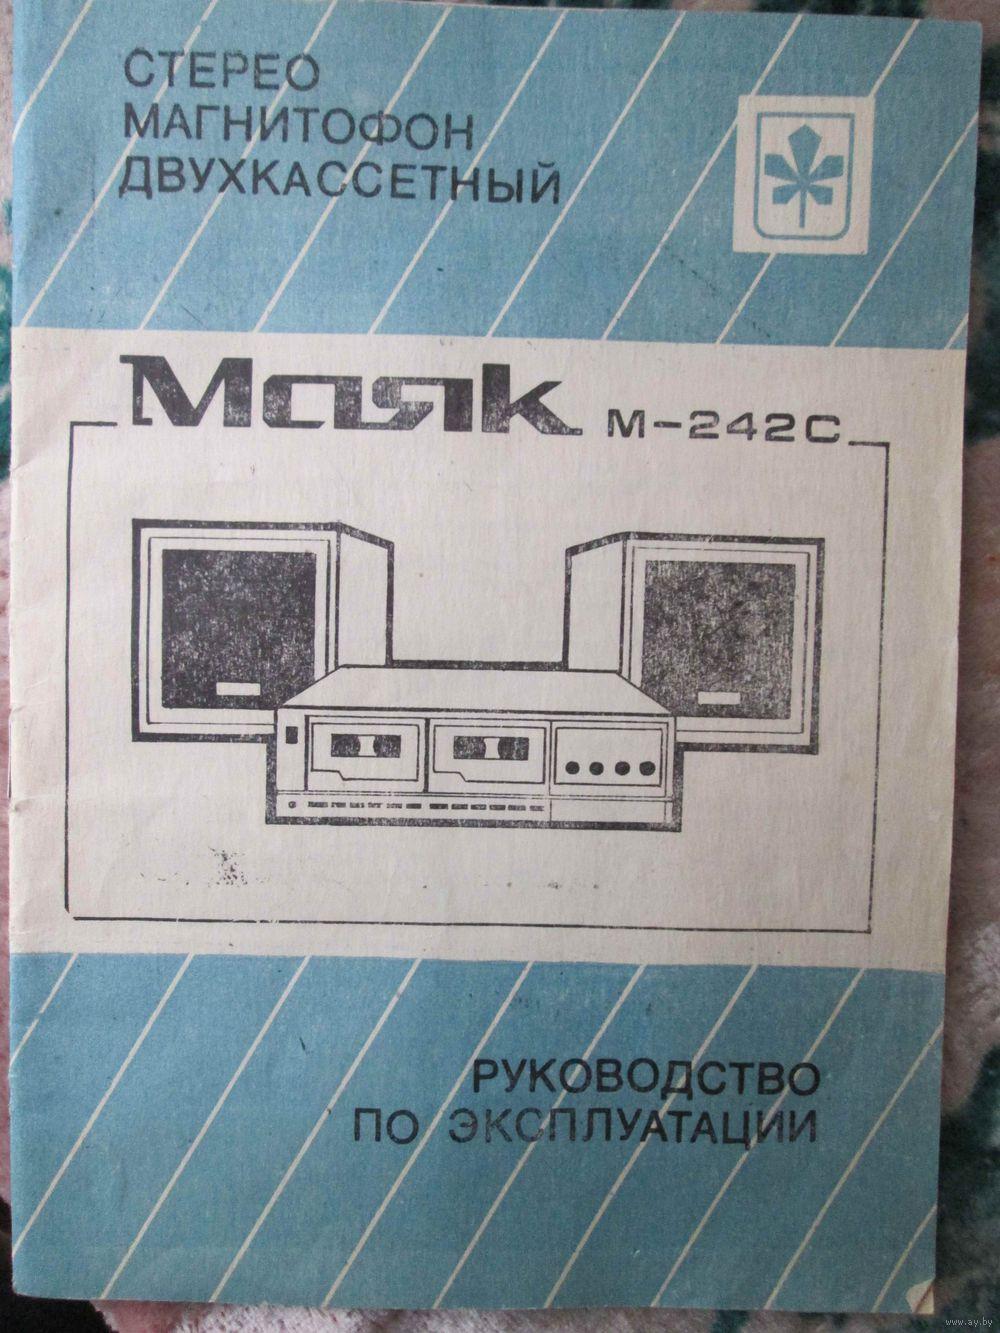 двухкассетный магнитофон маяк 242 принципиальная схема